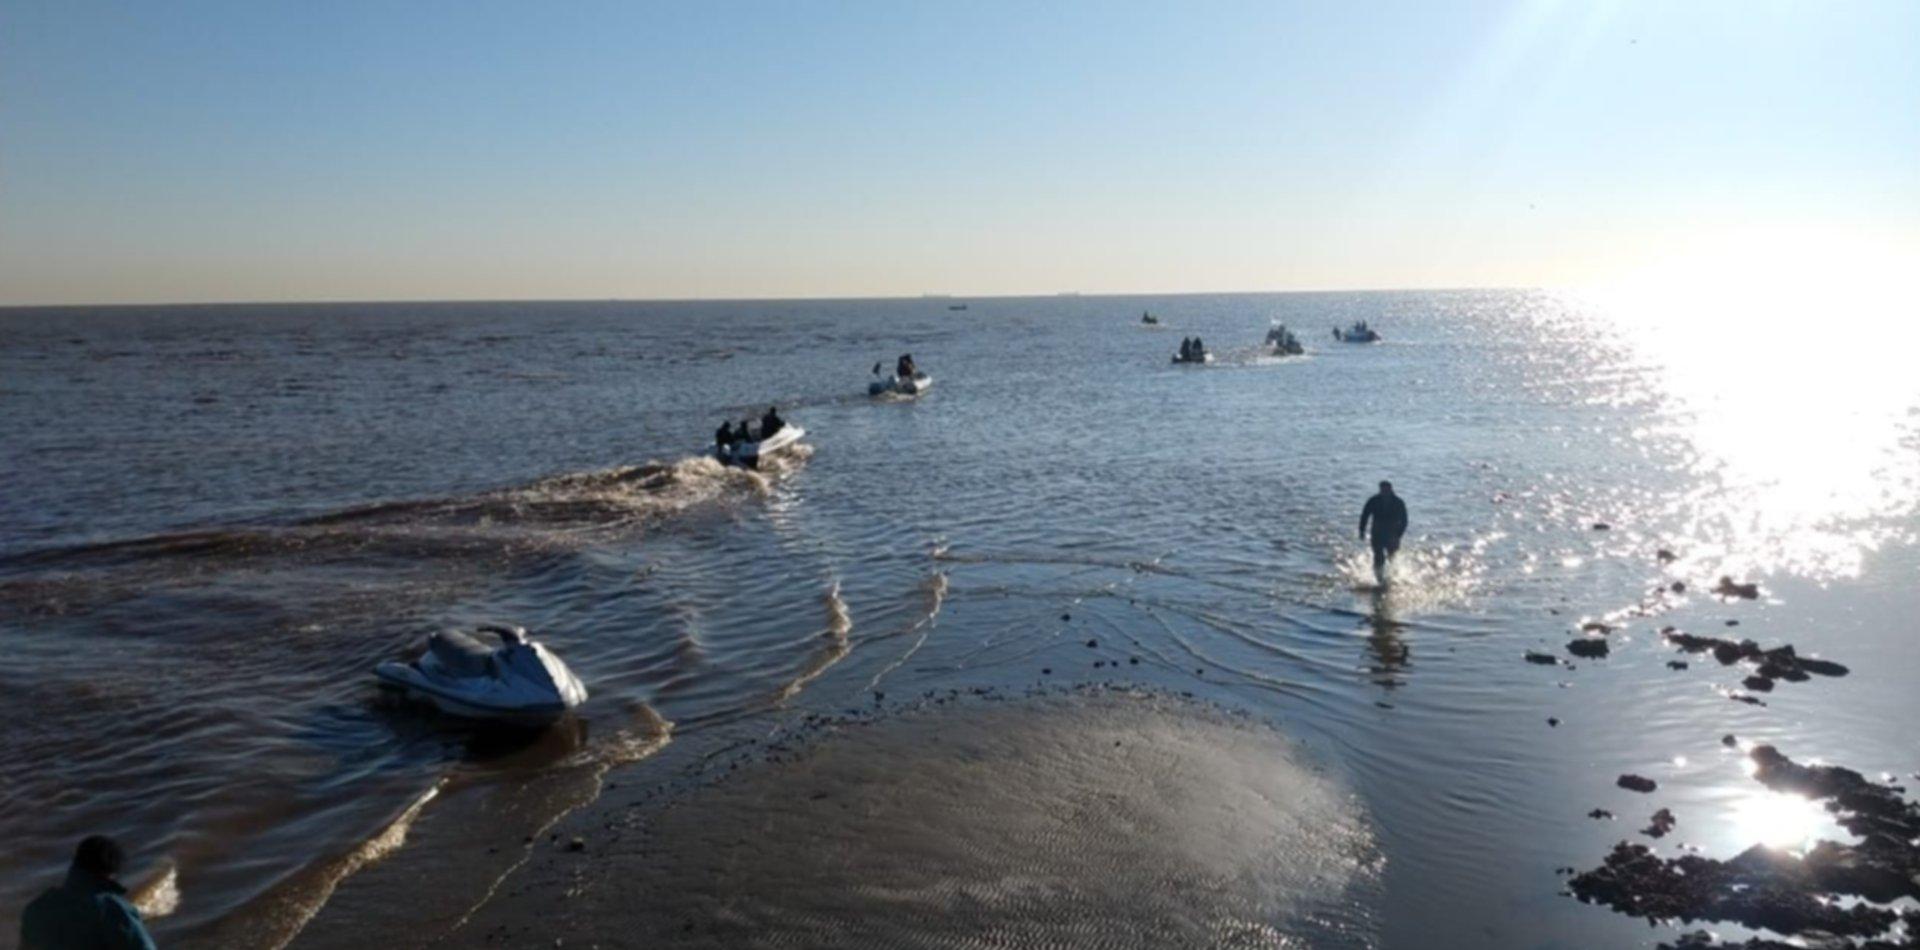 12 días y una angustiante búsqueda: la historia que terminó con el joven pescador sin vida